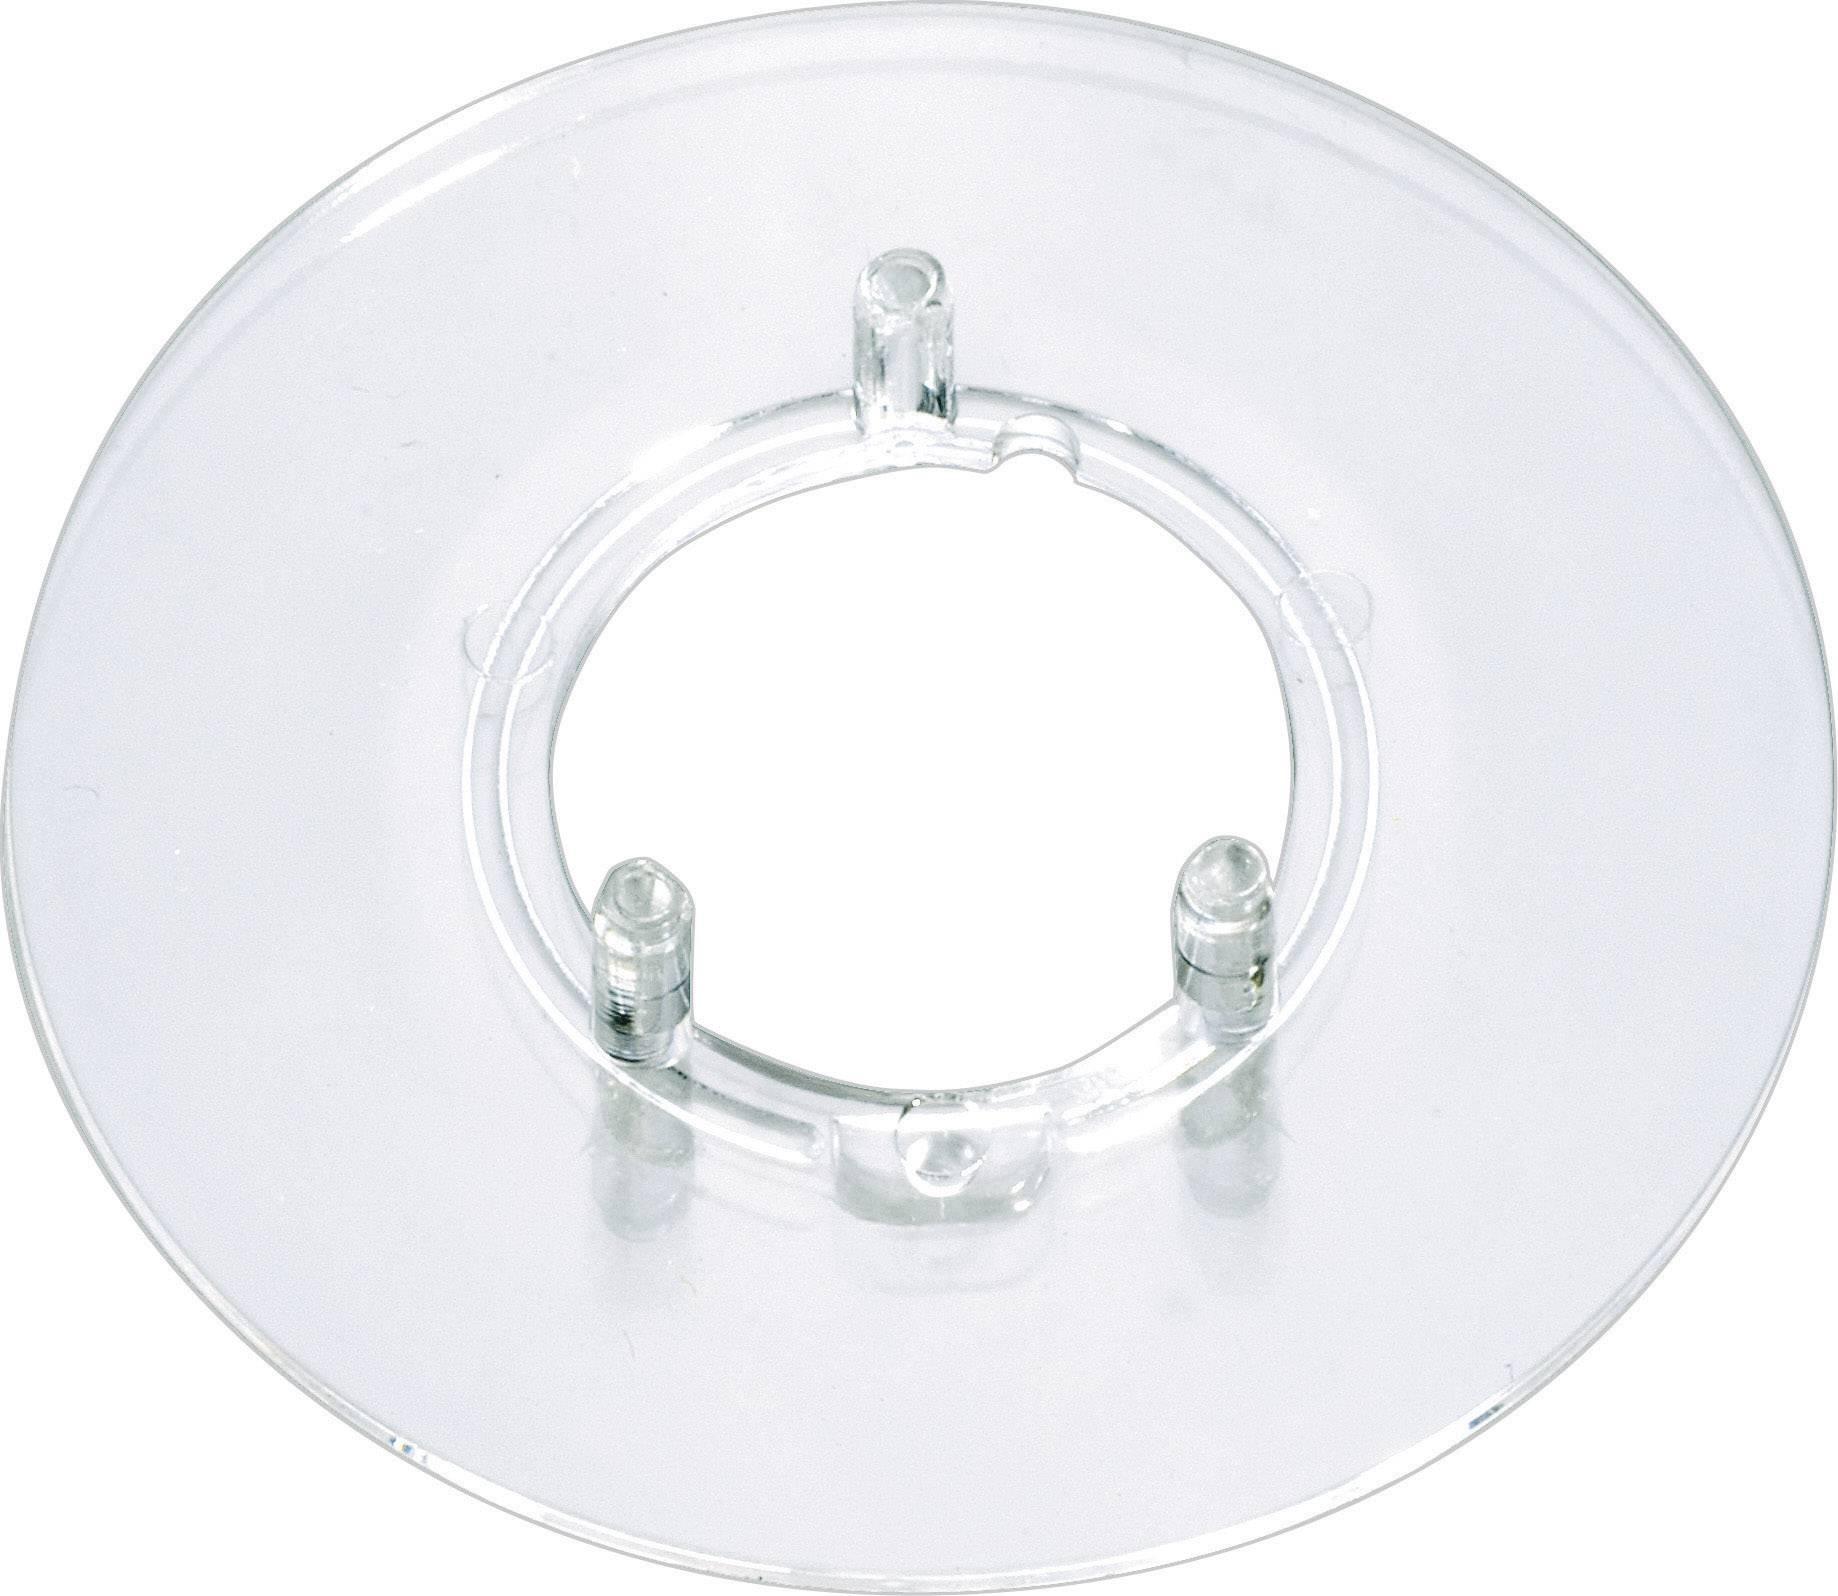 Kruhová stupnice bez označení OKW, vhodná pro knoflík Ø 16 mm, transparentní